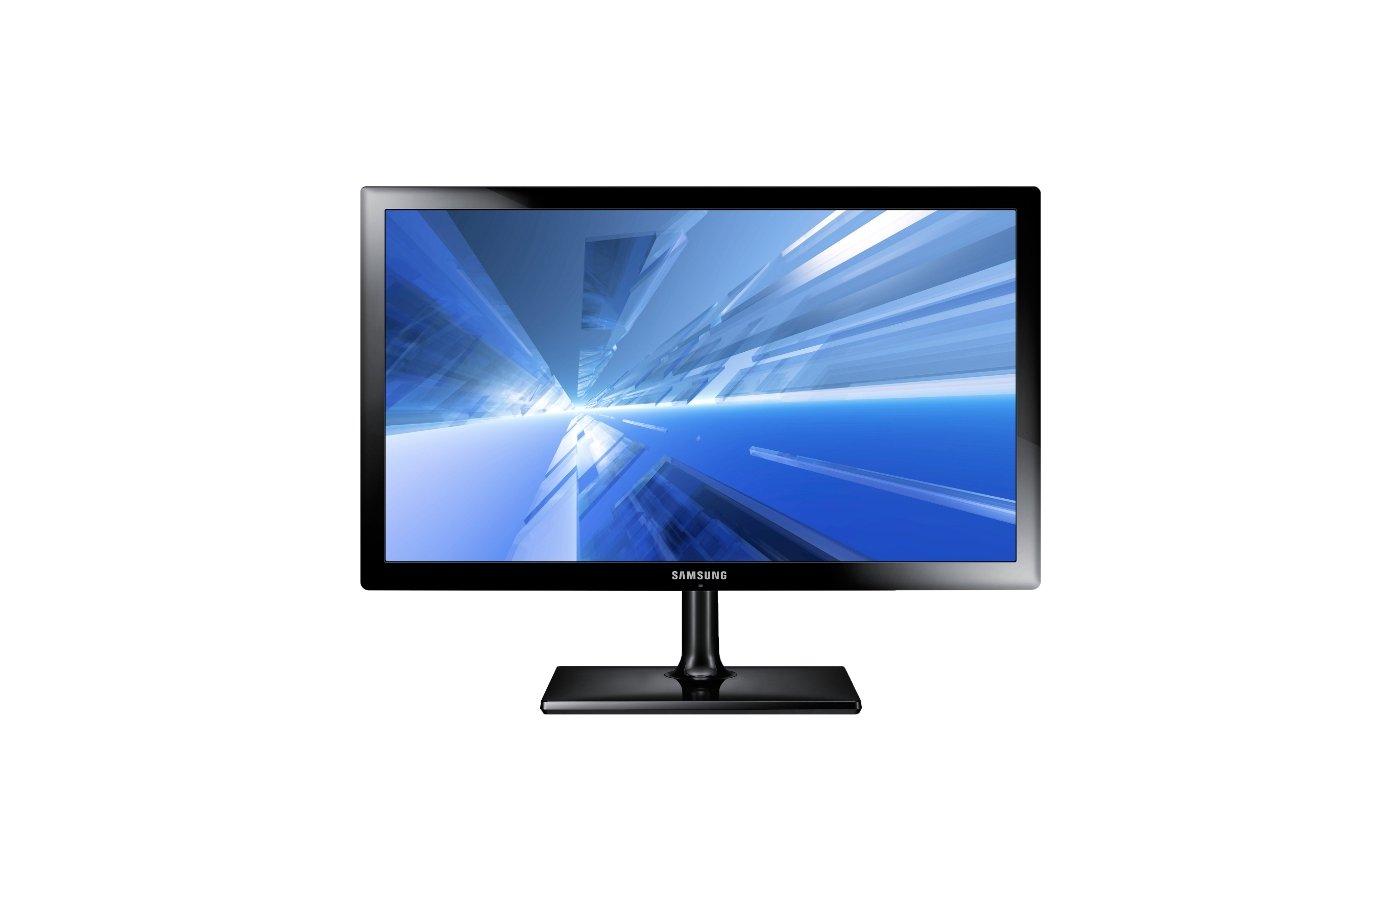 LED телевизор SAMSUNG LT19C350